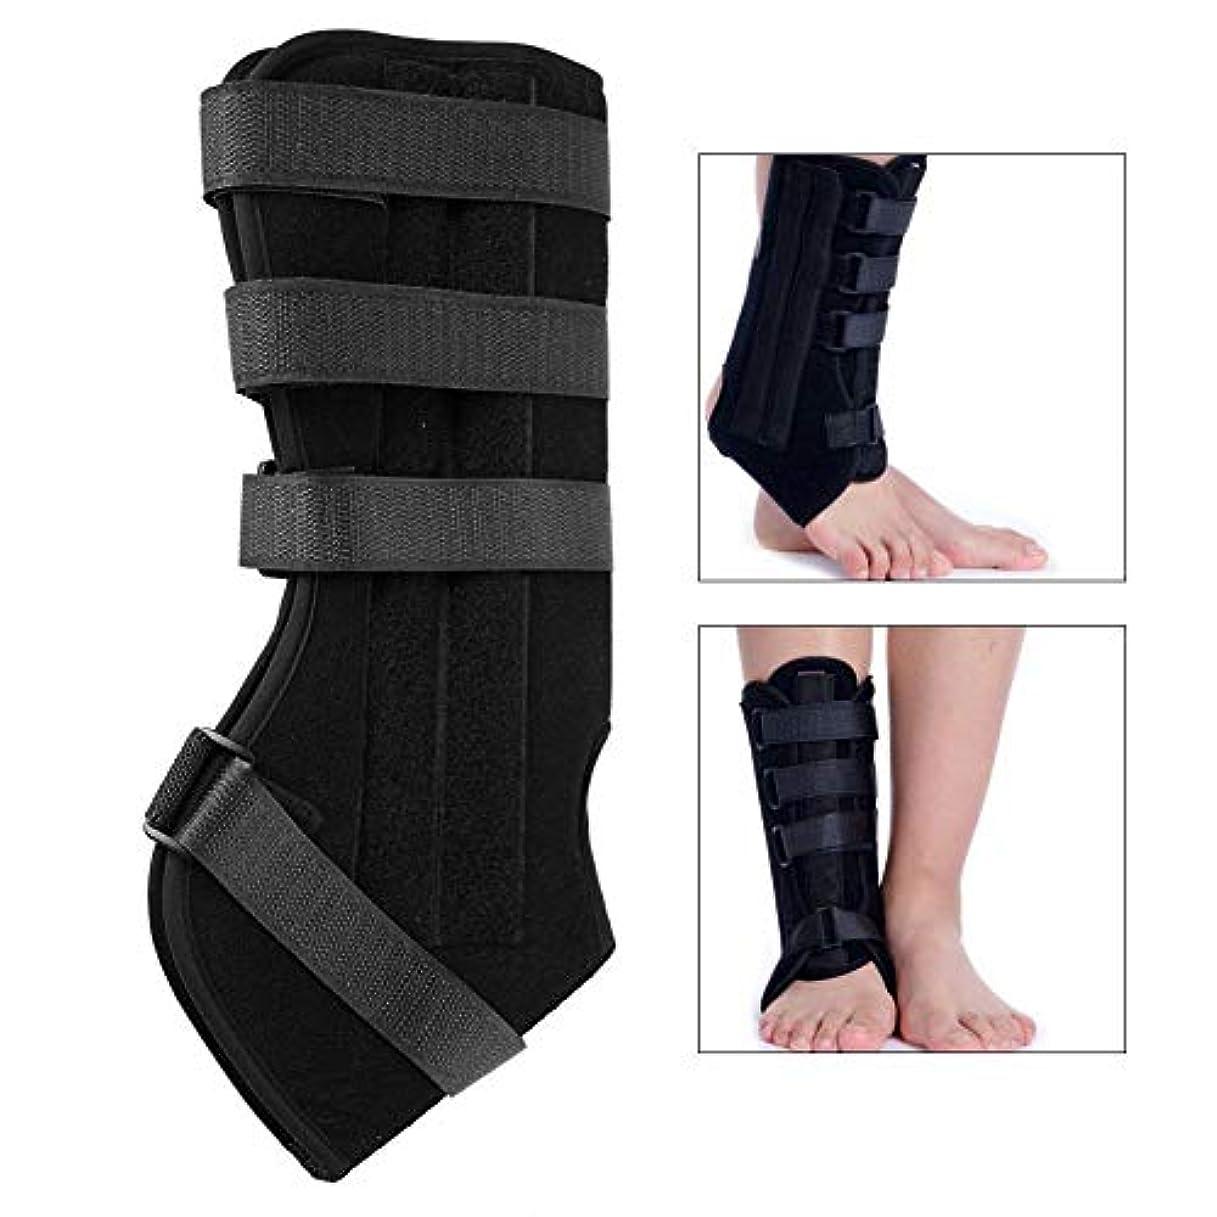 道徳教育吸い込む自分足首装具、足首関節外部固定骨折治療修正サポートツールブレースサポート腱矯正手術後,S